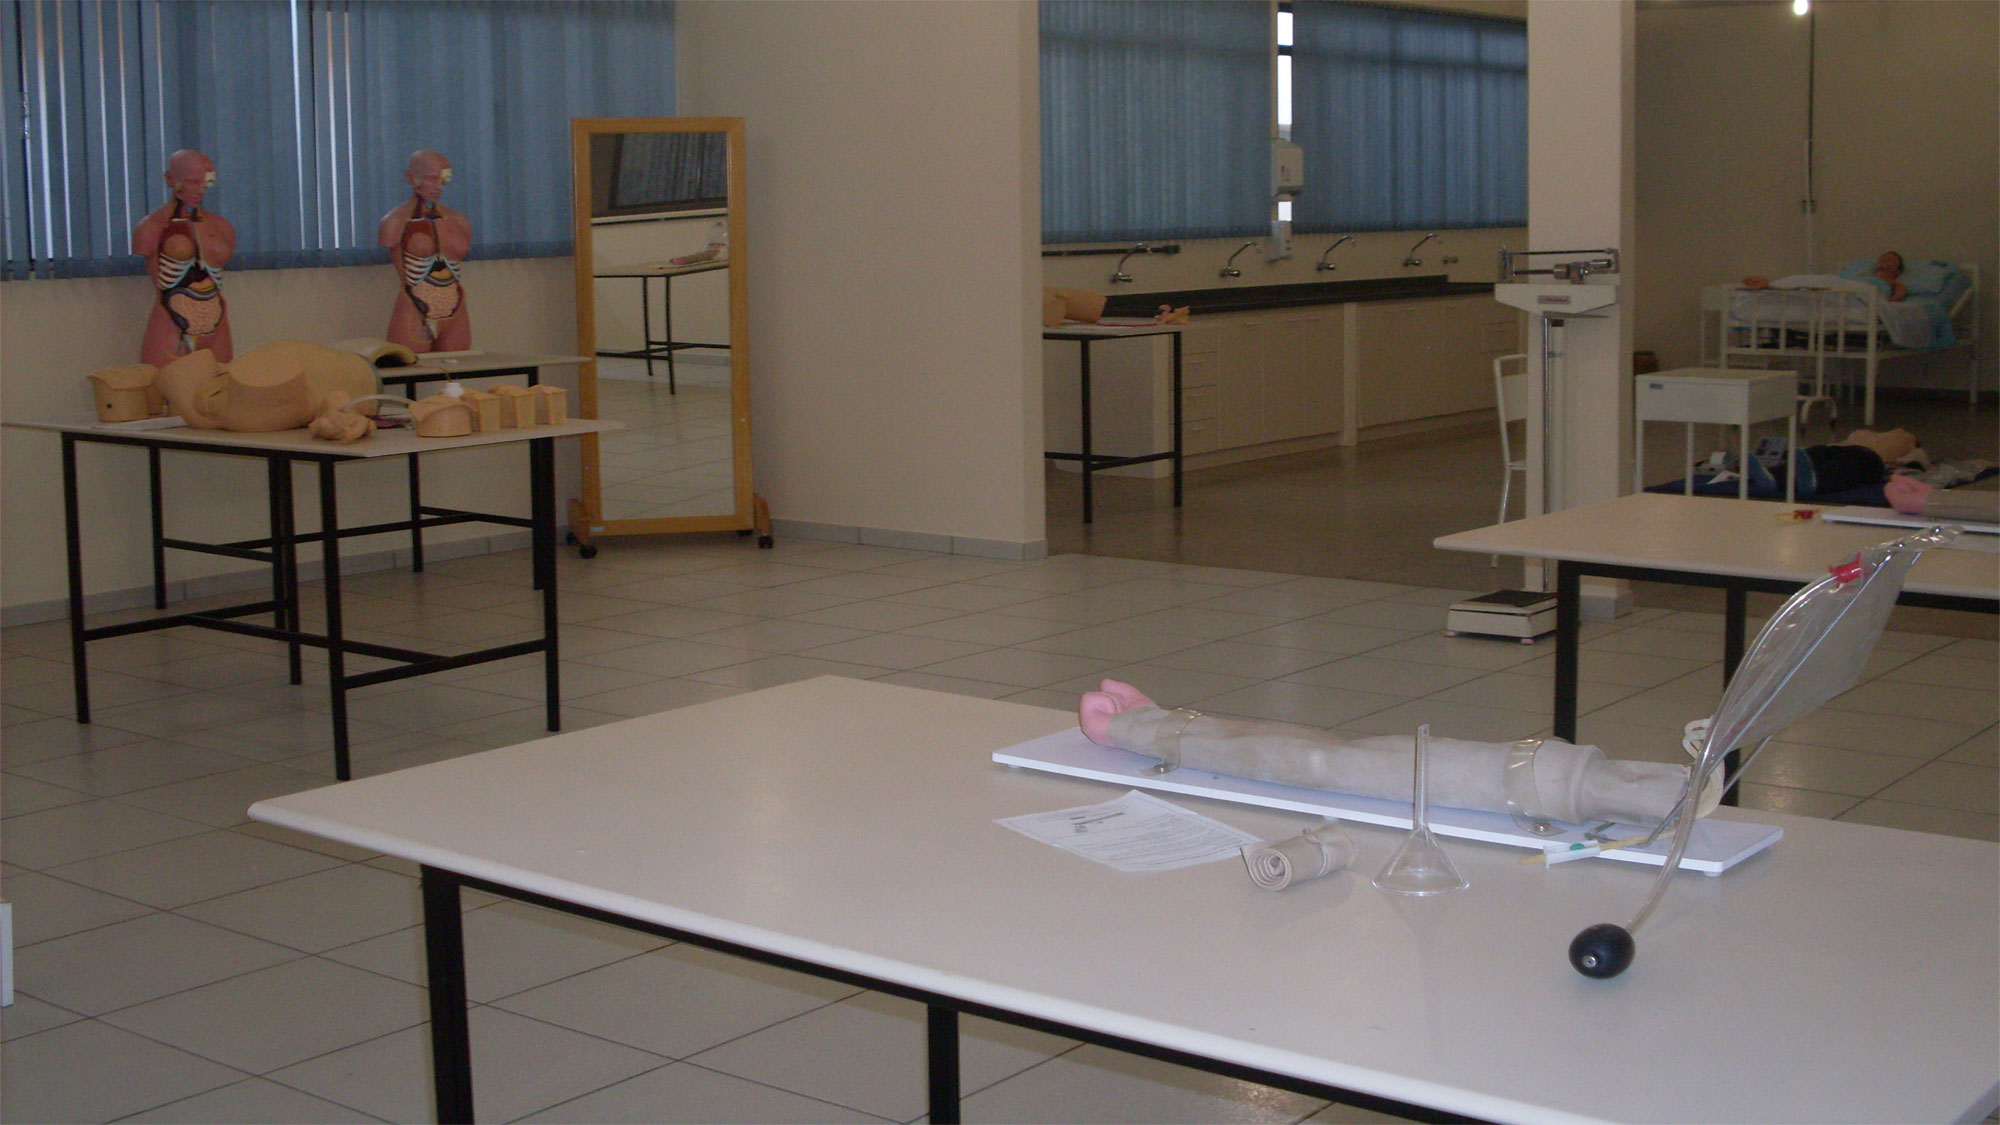 CSA-Valparaíso - Laboratório Fisioterapia 2